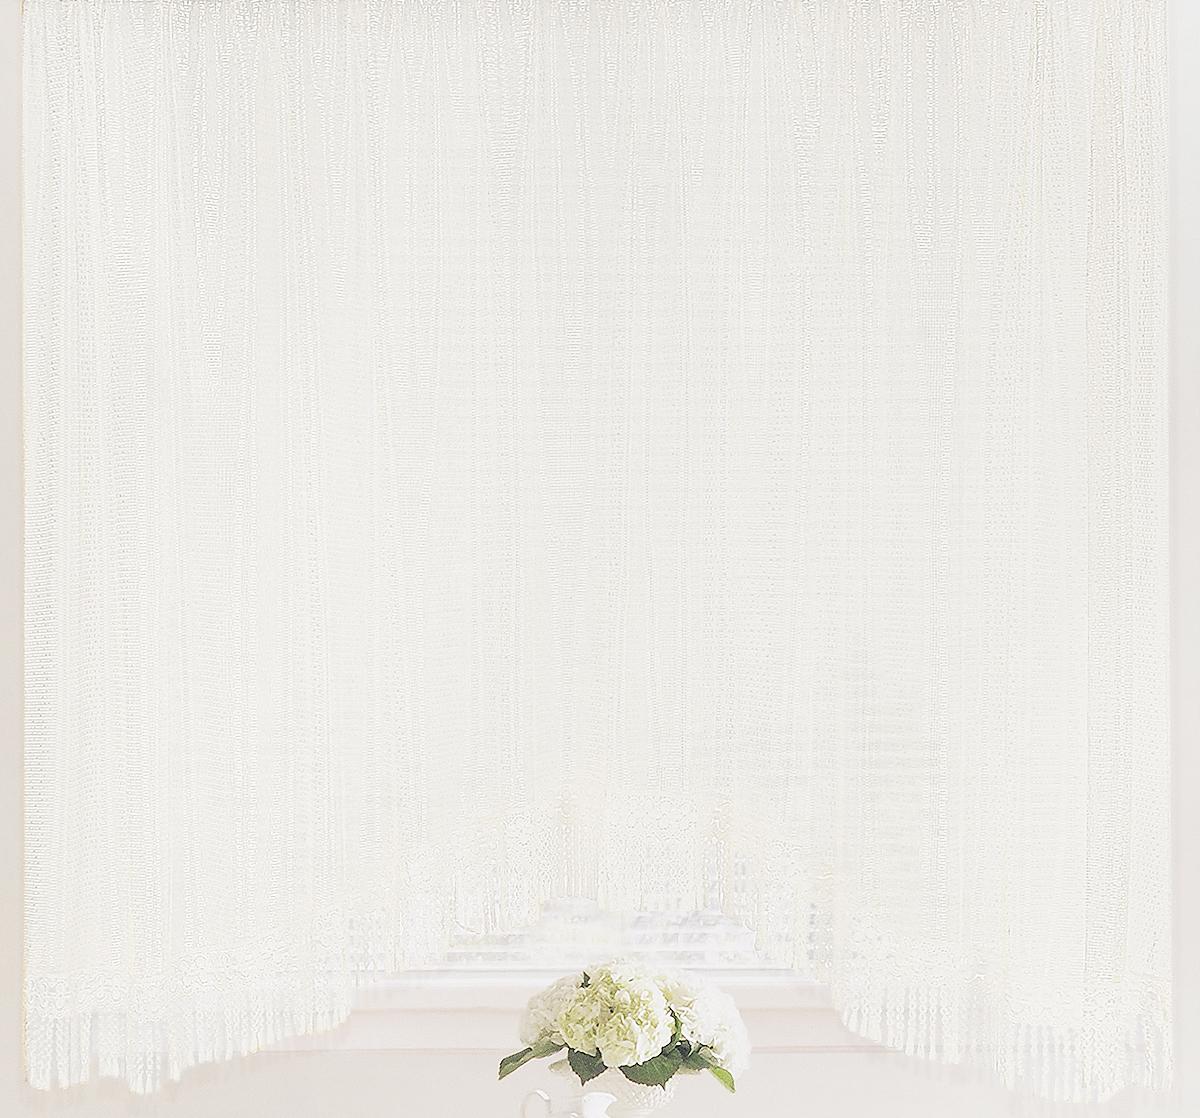 Штора-арка ТД Текстиль Капли росы, на ленте, цвет: белый, высота 165 см82650Штора-арка ТД Текстиль Капли росы великолепно украсит любое окно. Штора выполнена из качественного сетчатого полиэстера и декорирована бахромой. Полупрозрачная ткань, оригинальный дизайн и приятная цветовая гамма привлекут к себе внимание и позволят шторе органично вписаться в интерьер помещения. Штора крепится на карниз при помощи шторной ленты, которая поможет красиво и равномерно задрапировать верх. Изделие отлично подходит для кухни, столовой, спальни.